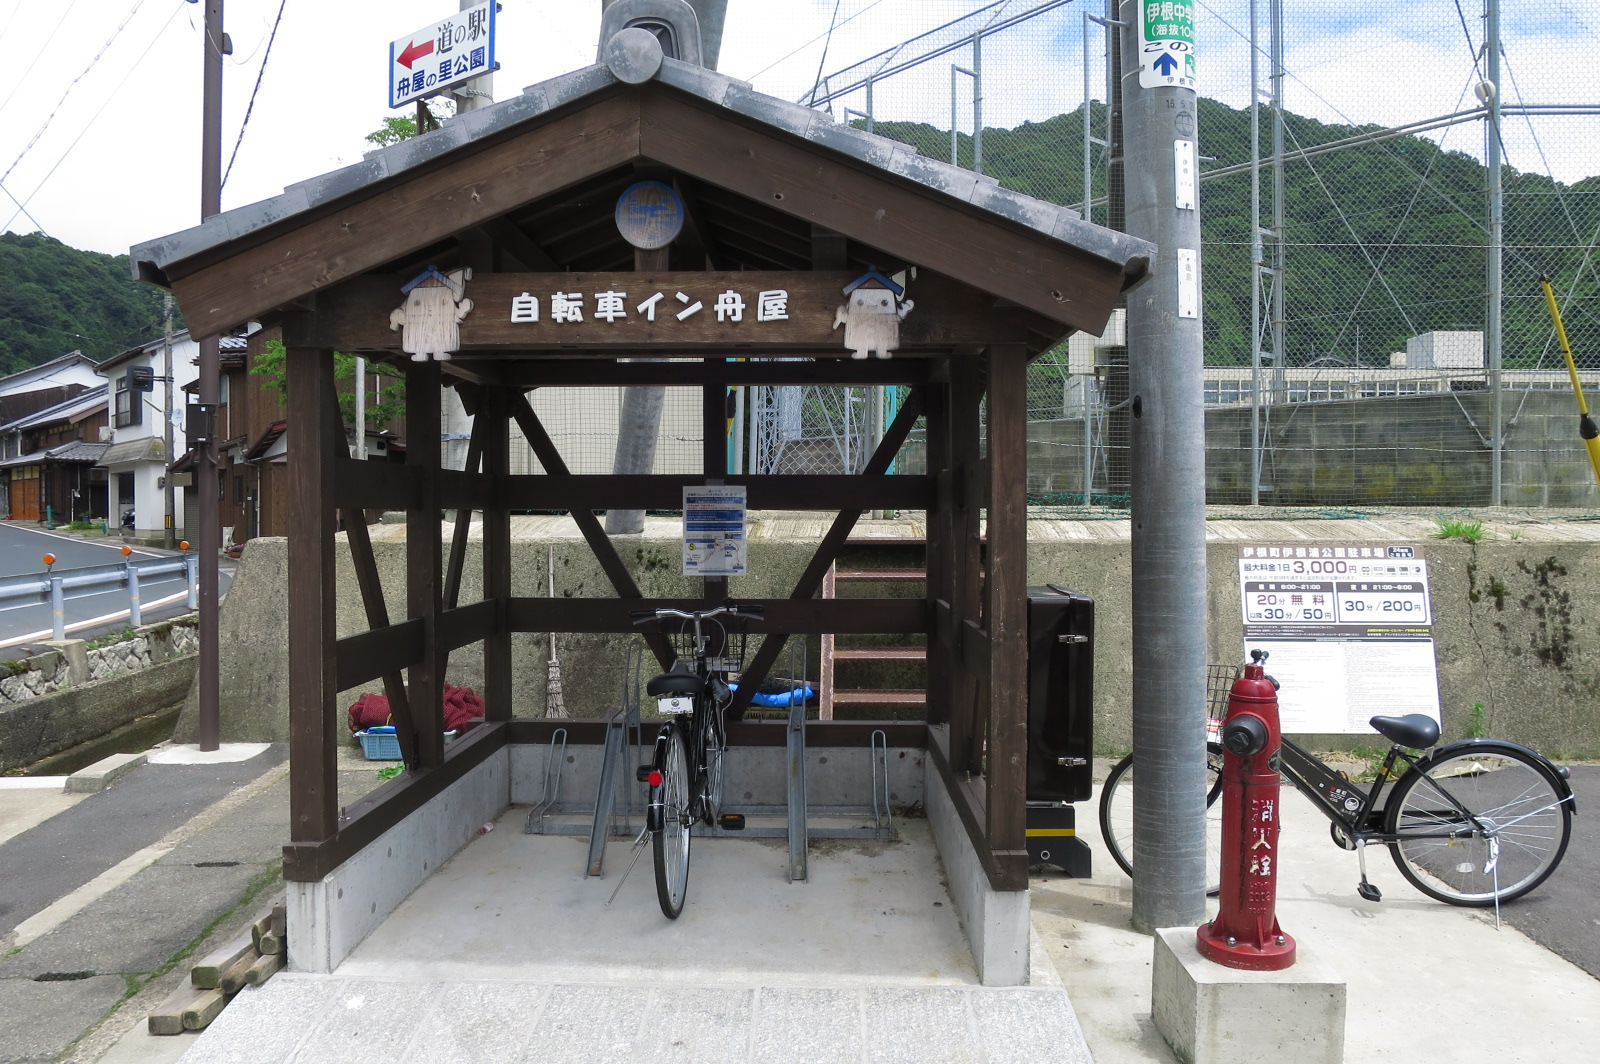 自転車の無料貸し出し所です。湾内にいくつか乗り捨てできるポイントがあり便利です!